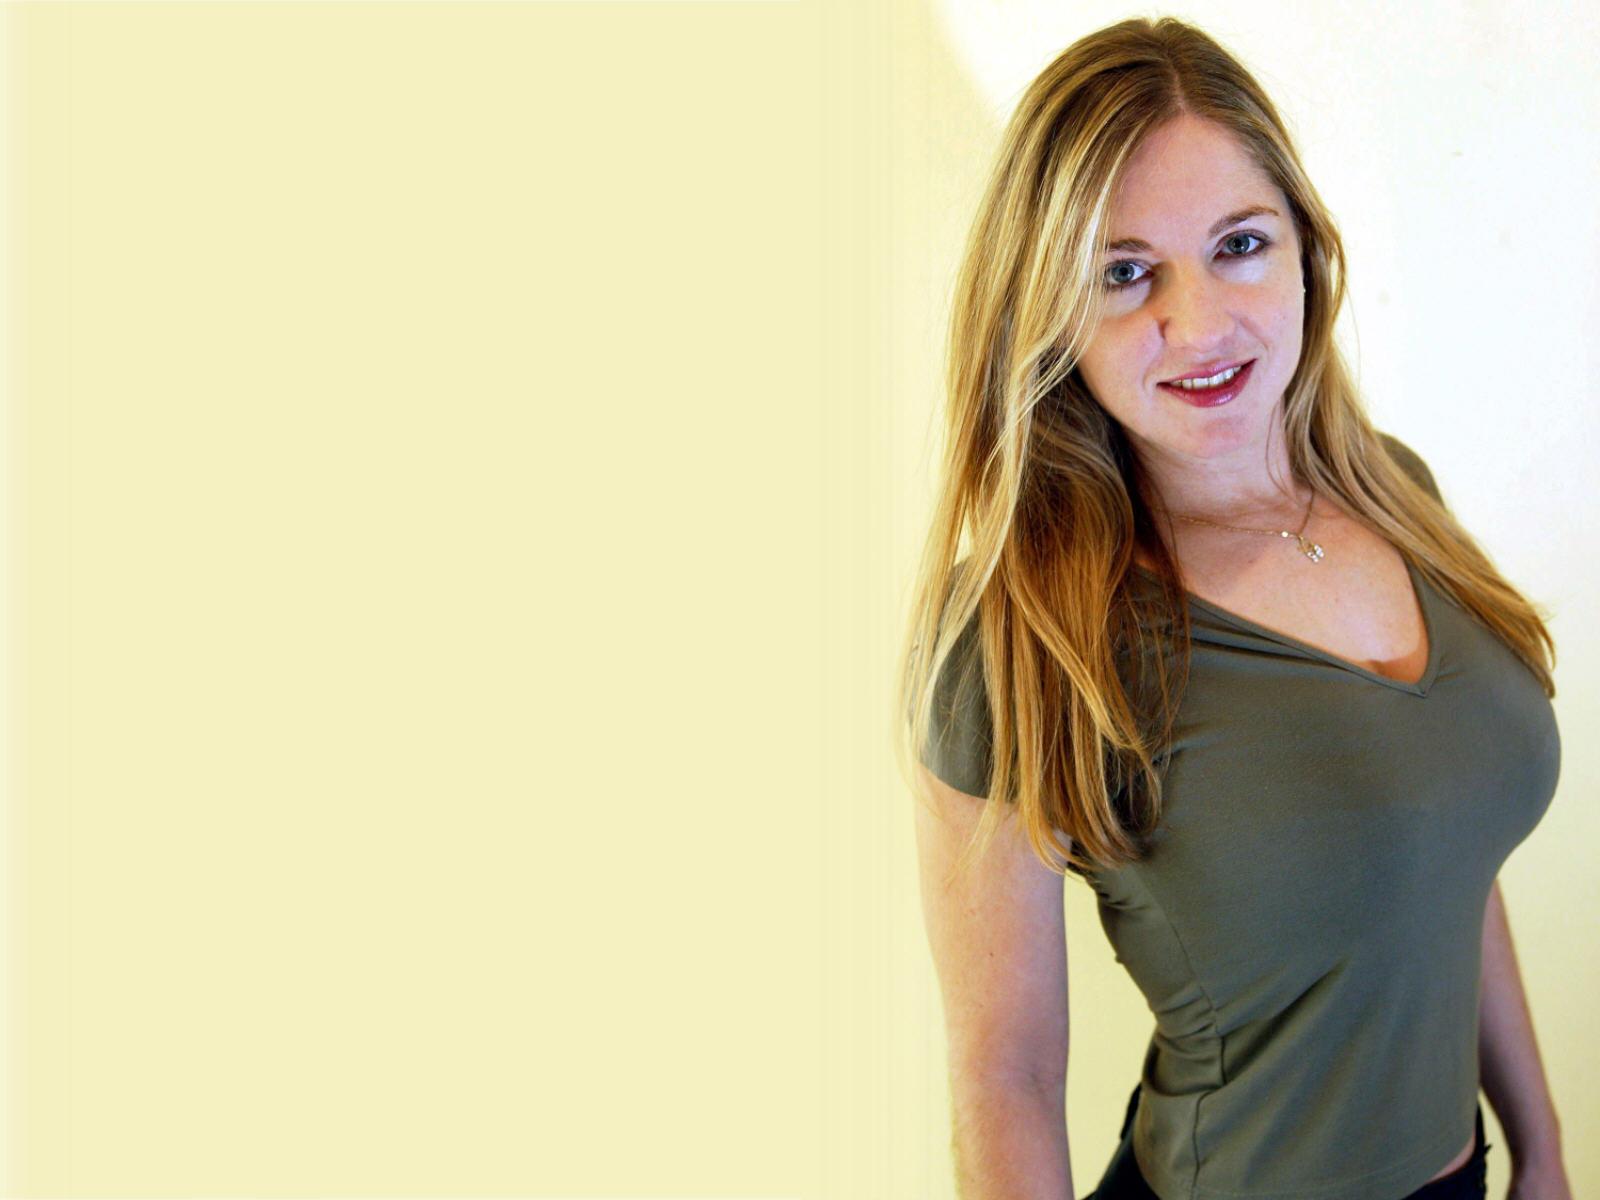 http://2.bp.blogspot.com/_kanxpX3cHU8/TNPa5BYoExI/AAAAAAAACTw/O_Aw2ClyLQU/s1600/victoria_coren_wallpaper.jpg